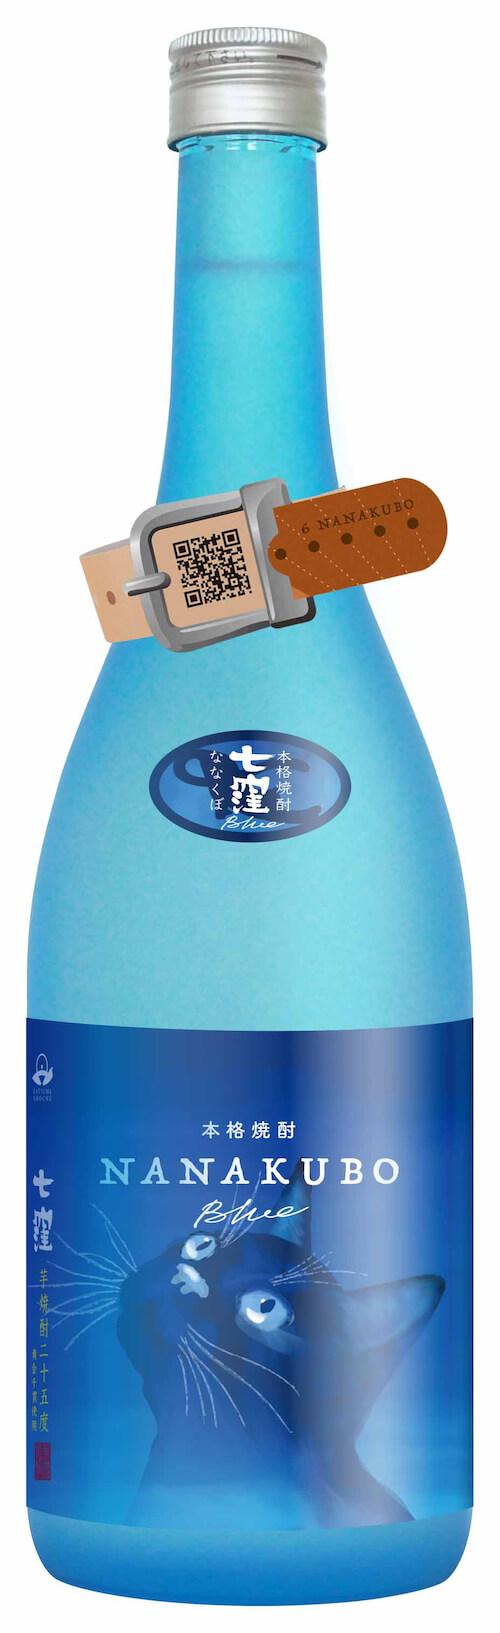 ラベルに猫がデザインされた東酒造の芋焼酎「NANAKUBO BLUE」の製品ボトル